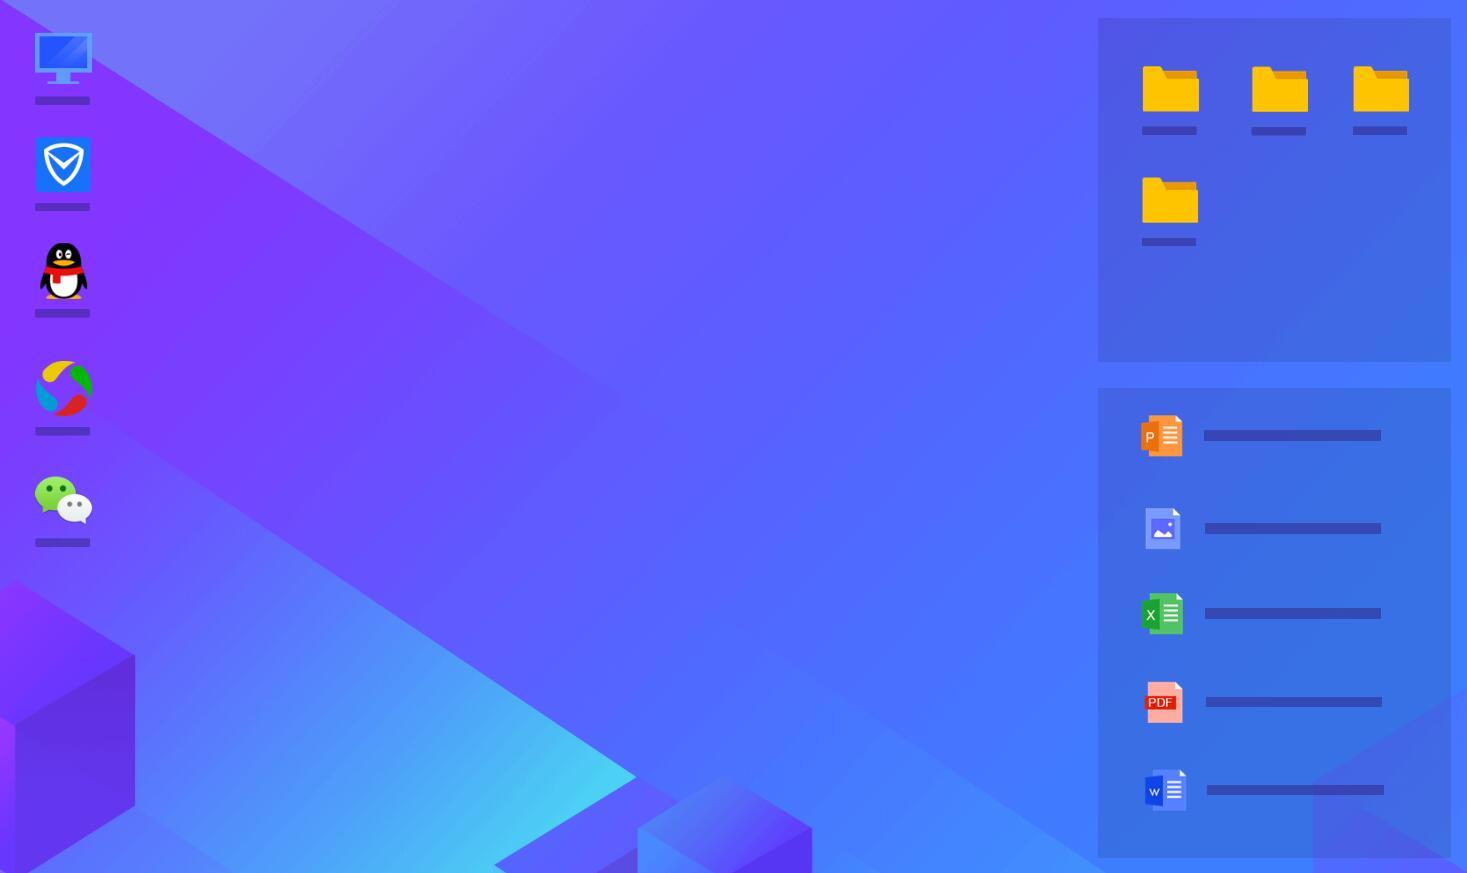 干净的桌面格子软件,可以快速分组收纳图标,进行分类管理的神器,大大提高效率和感官体验